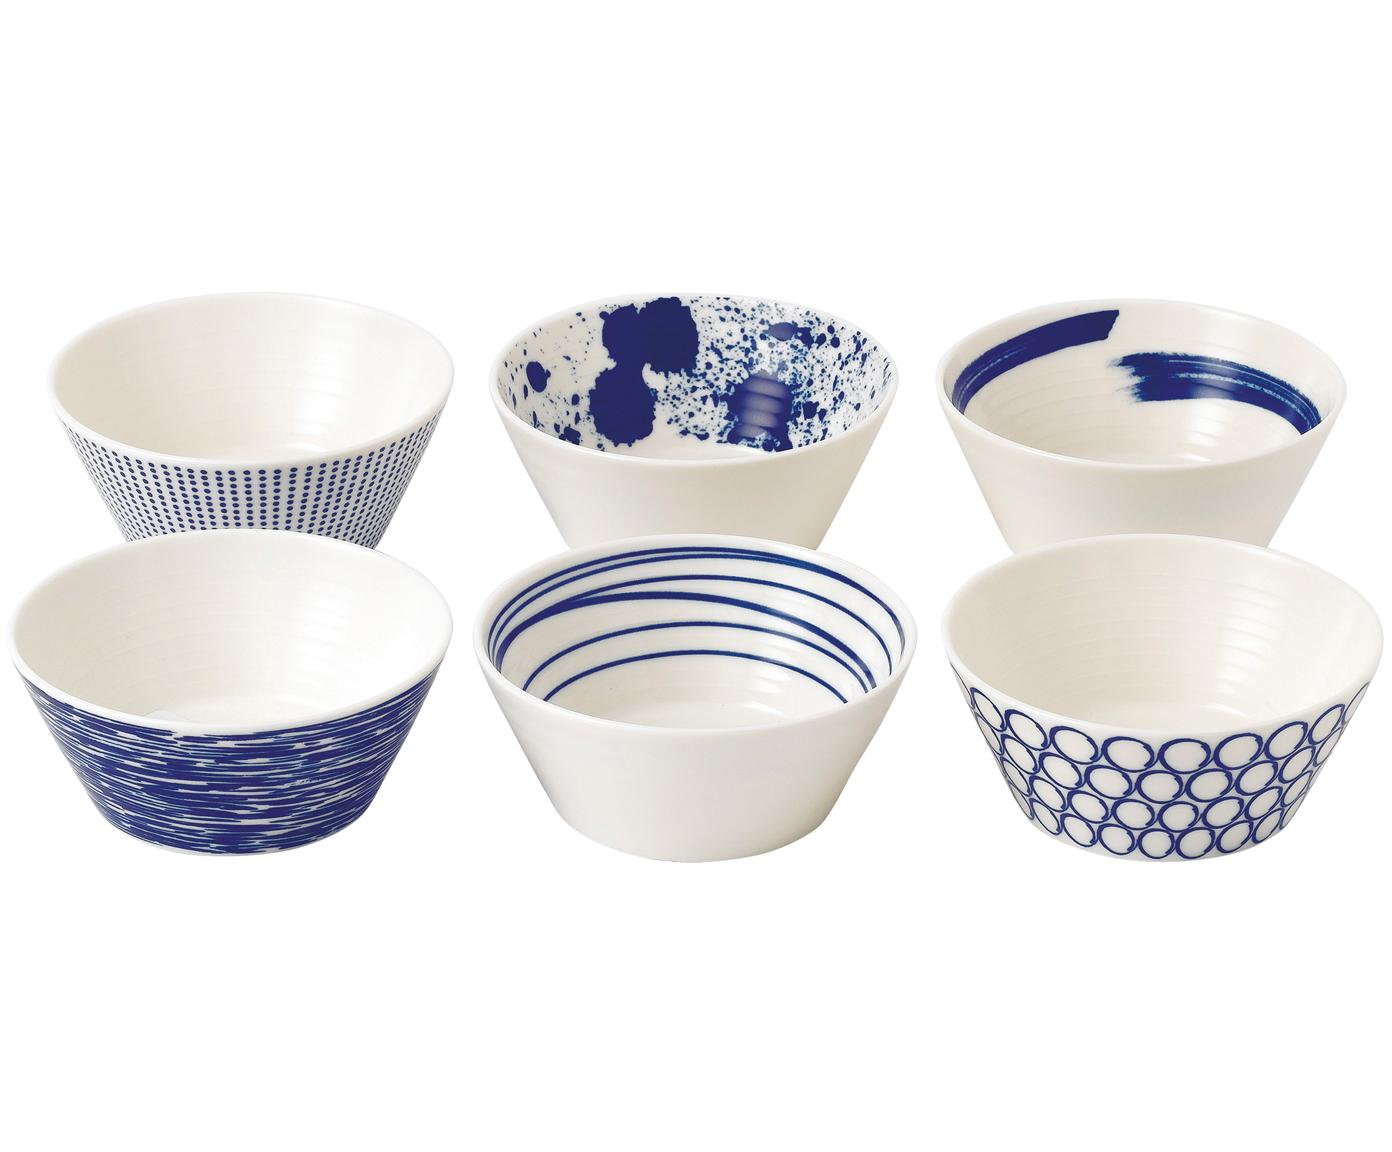 Set ciotole Pacific, 6 pz., Porcellana, Bianco, blu, Ø 11 cm